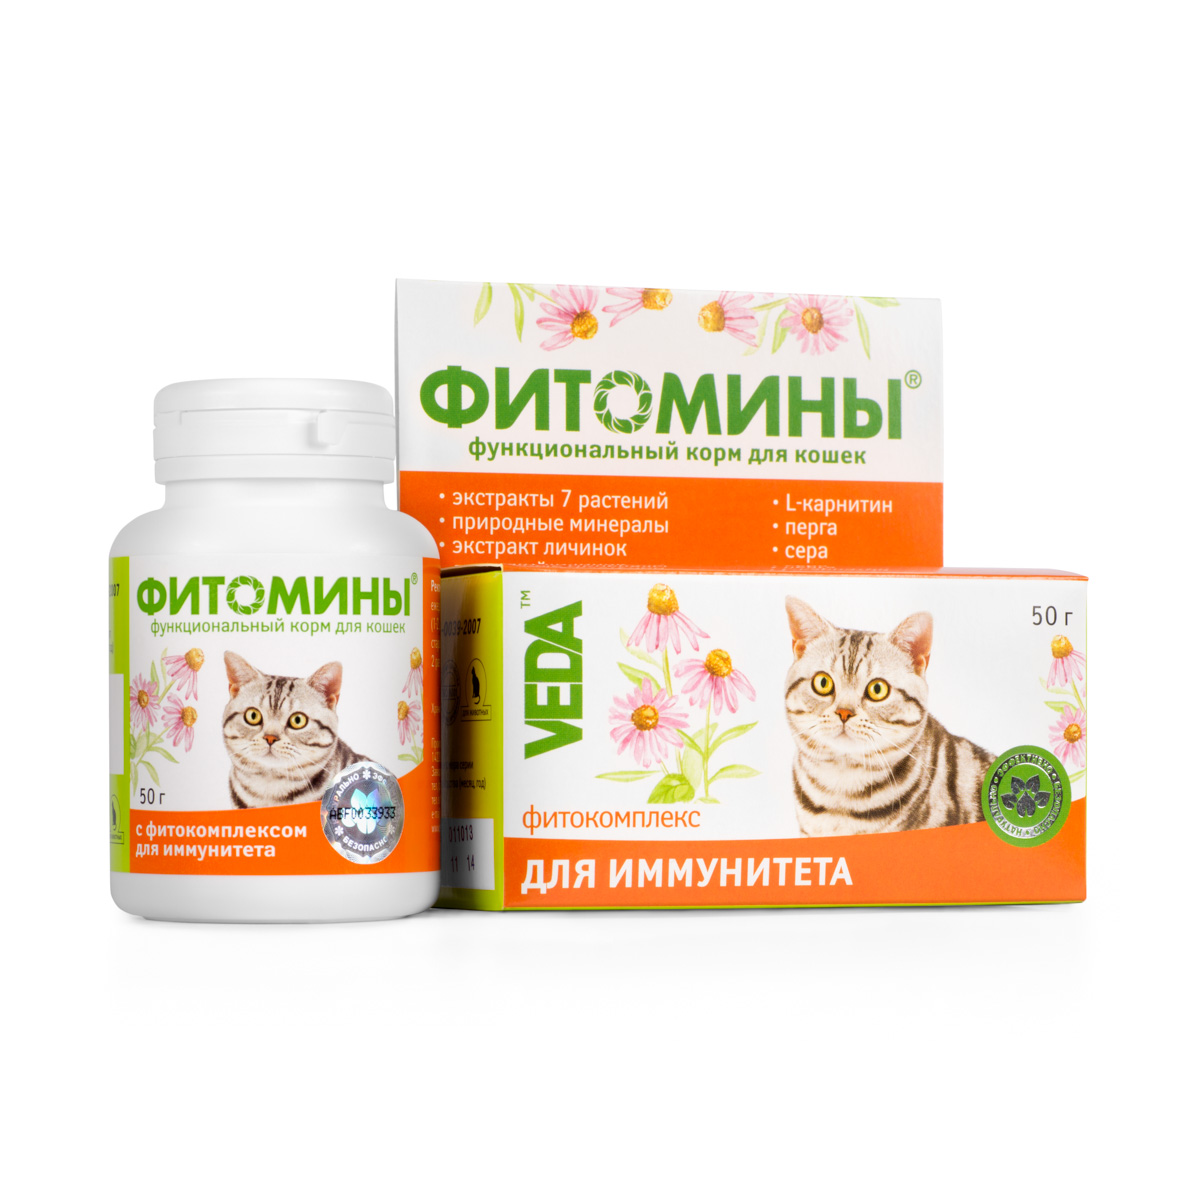 Корм для кошек VEDA Фитомины. Гематокэт, функциональный, с фитокомплексом, для иммунитета, 50 г0120710Корм функциональный для кошек VEDA Фитомины. Гематокэт с фитокомплексом для иммунитета повышает сопротивляемость организма, мобилизуя иммунную систему, ускоряет восстановительные процессы.Рекомендуется включать в рацион при некорректной работе иммунитета:- ослабленным и истощенным животным, - для адаптации к стрессовым ситуациям, - при неблагоприятном воздействии окружающей среды.Состав: лактоза; крахмал; дрожжи пивные; фитокомплекс: корней и корневищ солодки, травы эхинацеи пурпурной, плодов шиповника, корней и корневищ девясила, травы череды, листьев крапивы двудомной, листьев подорожника большого; природный минеральный комплекс; паровая рыбная мука; экстракт личинок восковой моли, перги; стеарат кальция; L- карнитин; таурин; сера. В 100 г продукта содержится (не менее): углеводы - 90 г; жиры - 0,4 г; белки – 3,5 г; кальций - 600 мг; фосфор - 360 мг; железо - 15,0 мг; цинк - 4 мг; марганец - 0,1 мг; медь - 0,3 мг; L-карнитин - 0,5 г; таурин – 0,2 г; сера - 0,1 г.ц 0,1 мг, медь 0,3 мг, L-карнитин 0,5 г, таурин 0,2 г, сера 0,1 г.Энергетическая ценность в 100 г: 380 ккал.Товар сертифицирован.